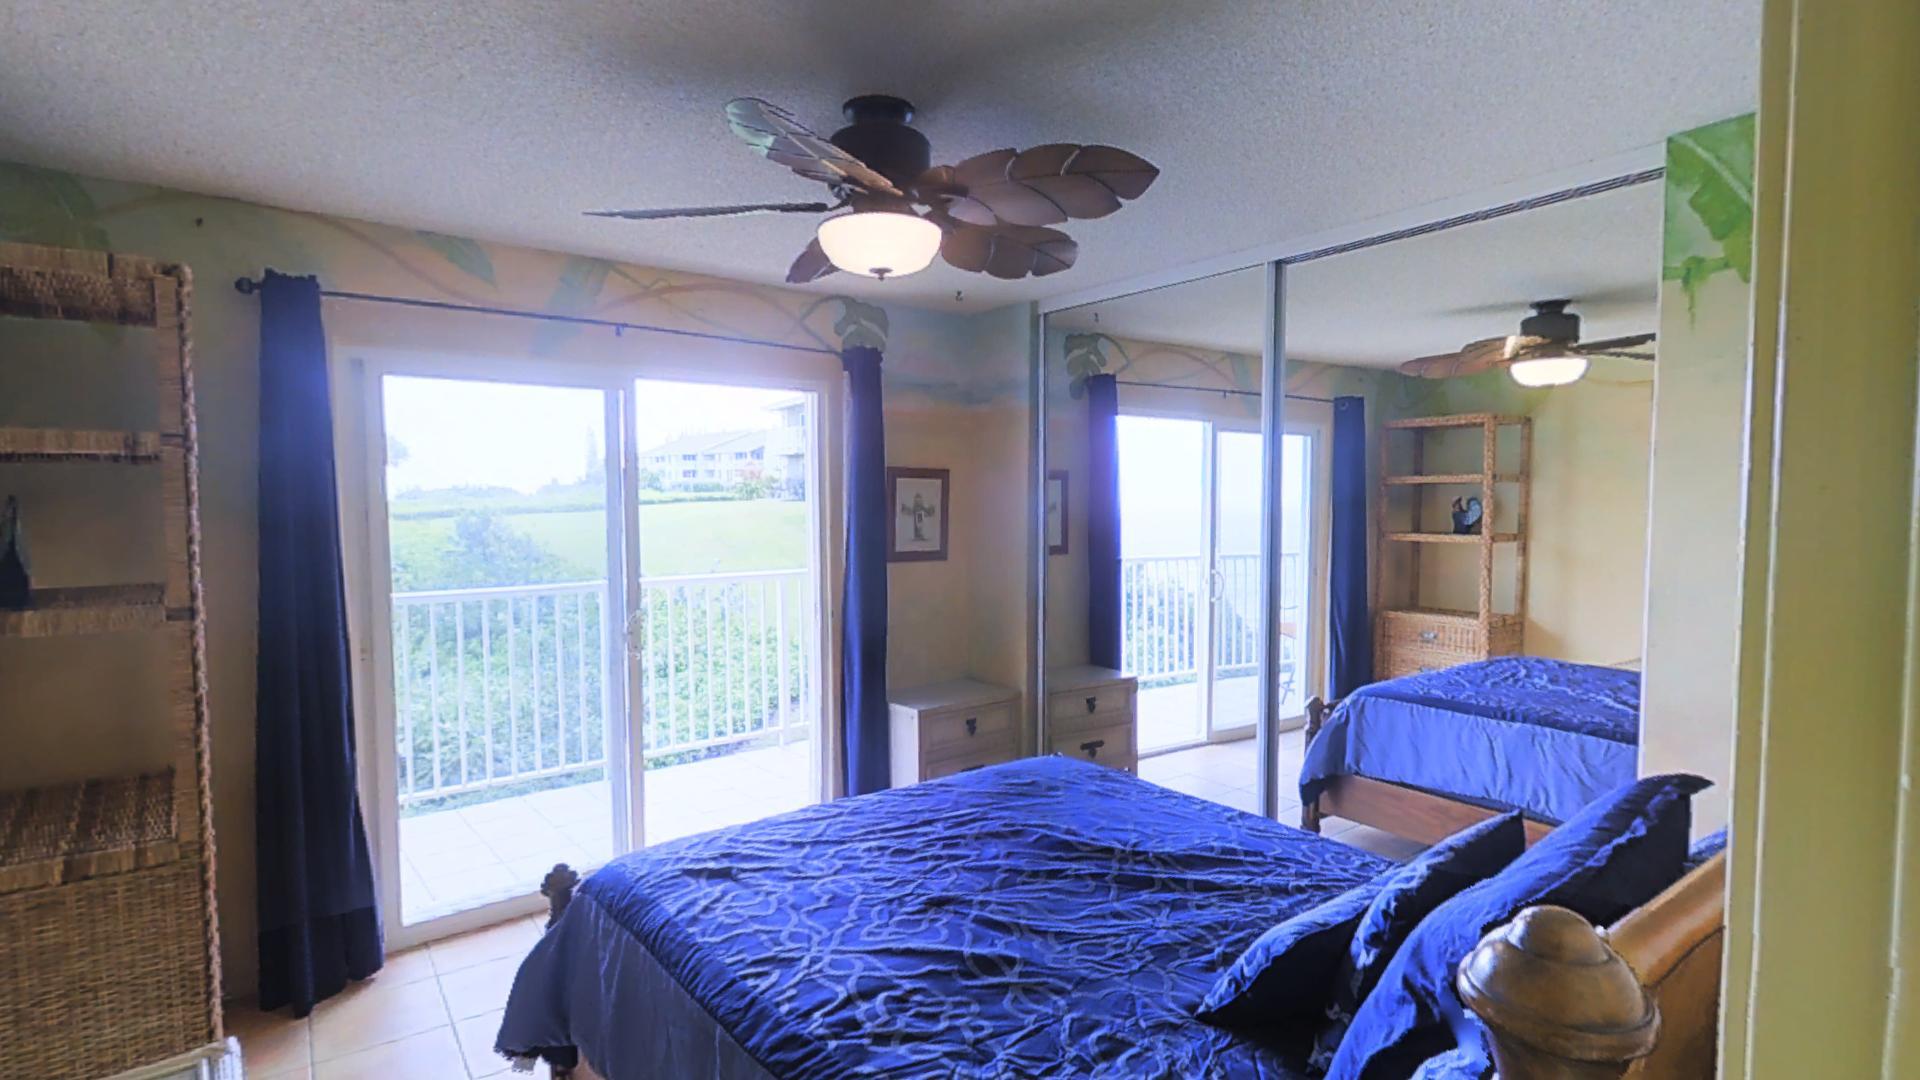 osullivan bedroom furniture stunning lars midcentury